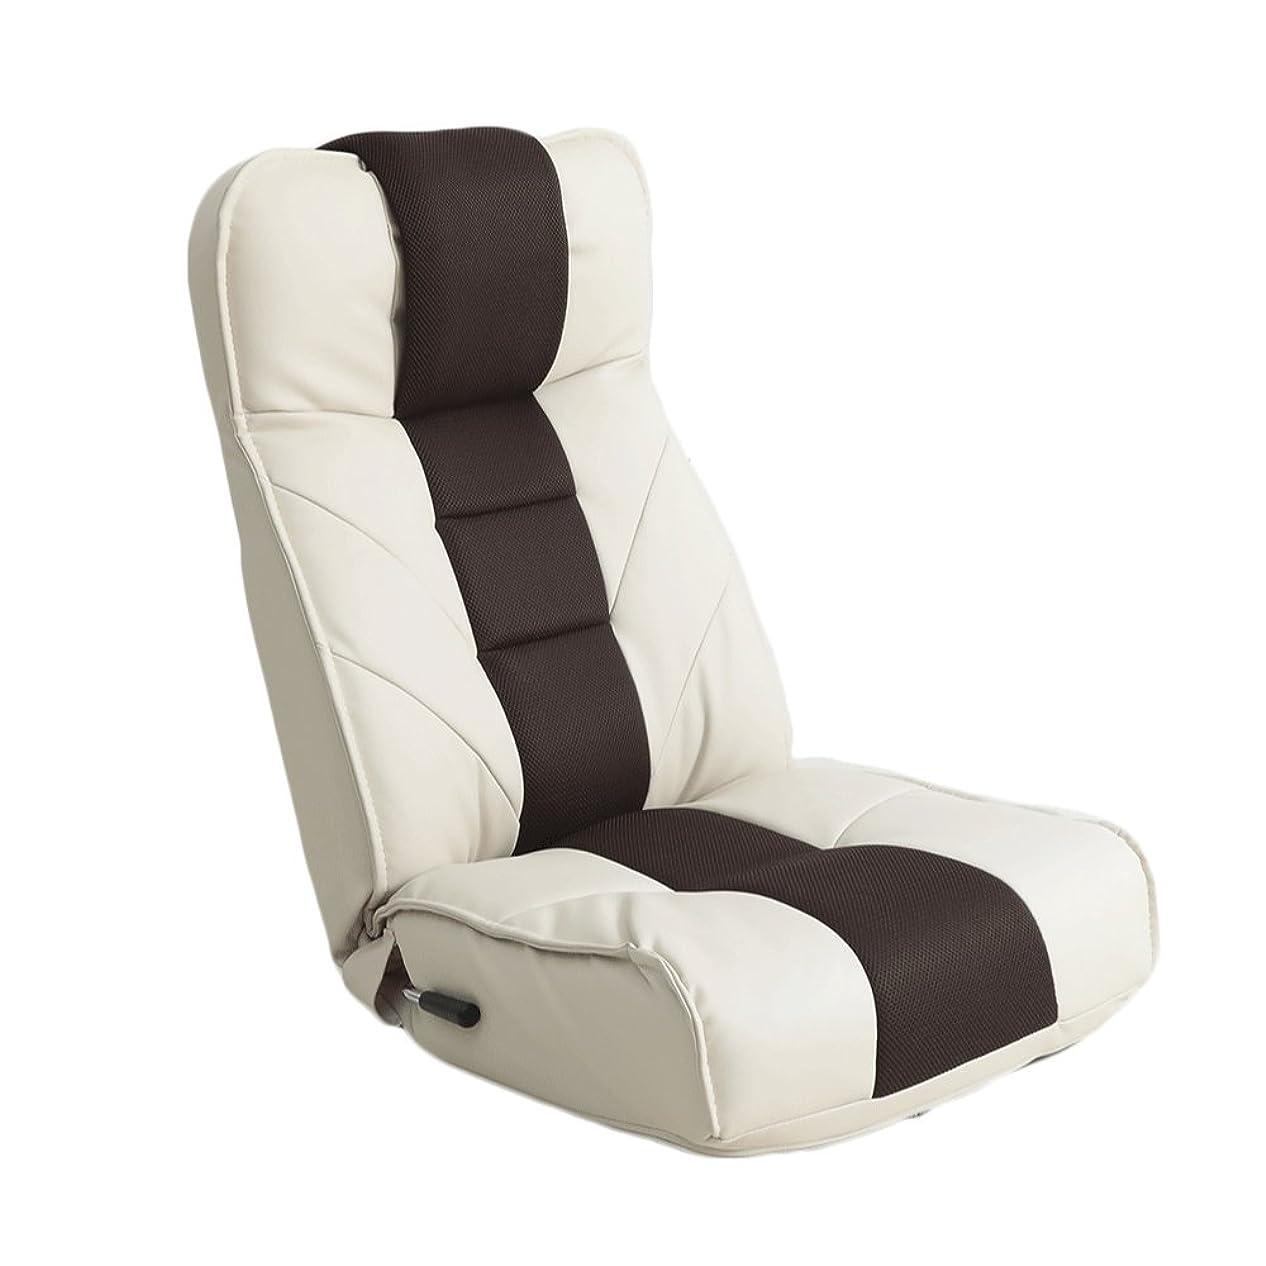 診療所引き潮伸ばす明光ホームテック ロングセラー座椅子Jr.(ジュニア) [ レバー式 14段階リクライニング / アイボリー/ハイバック ] 立体縫製デザイン (TVが見やすい) FRS-アクロス